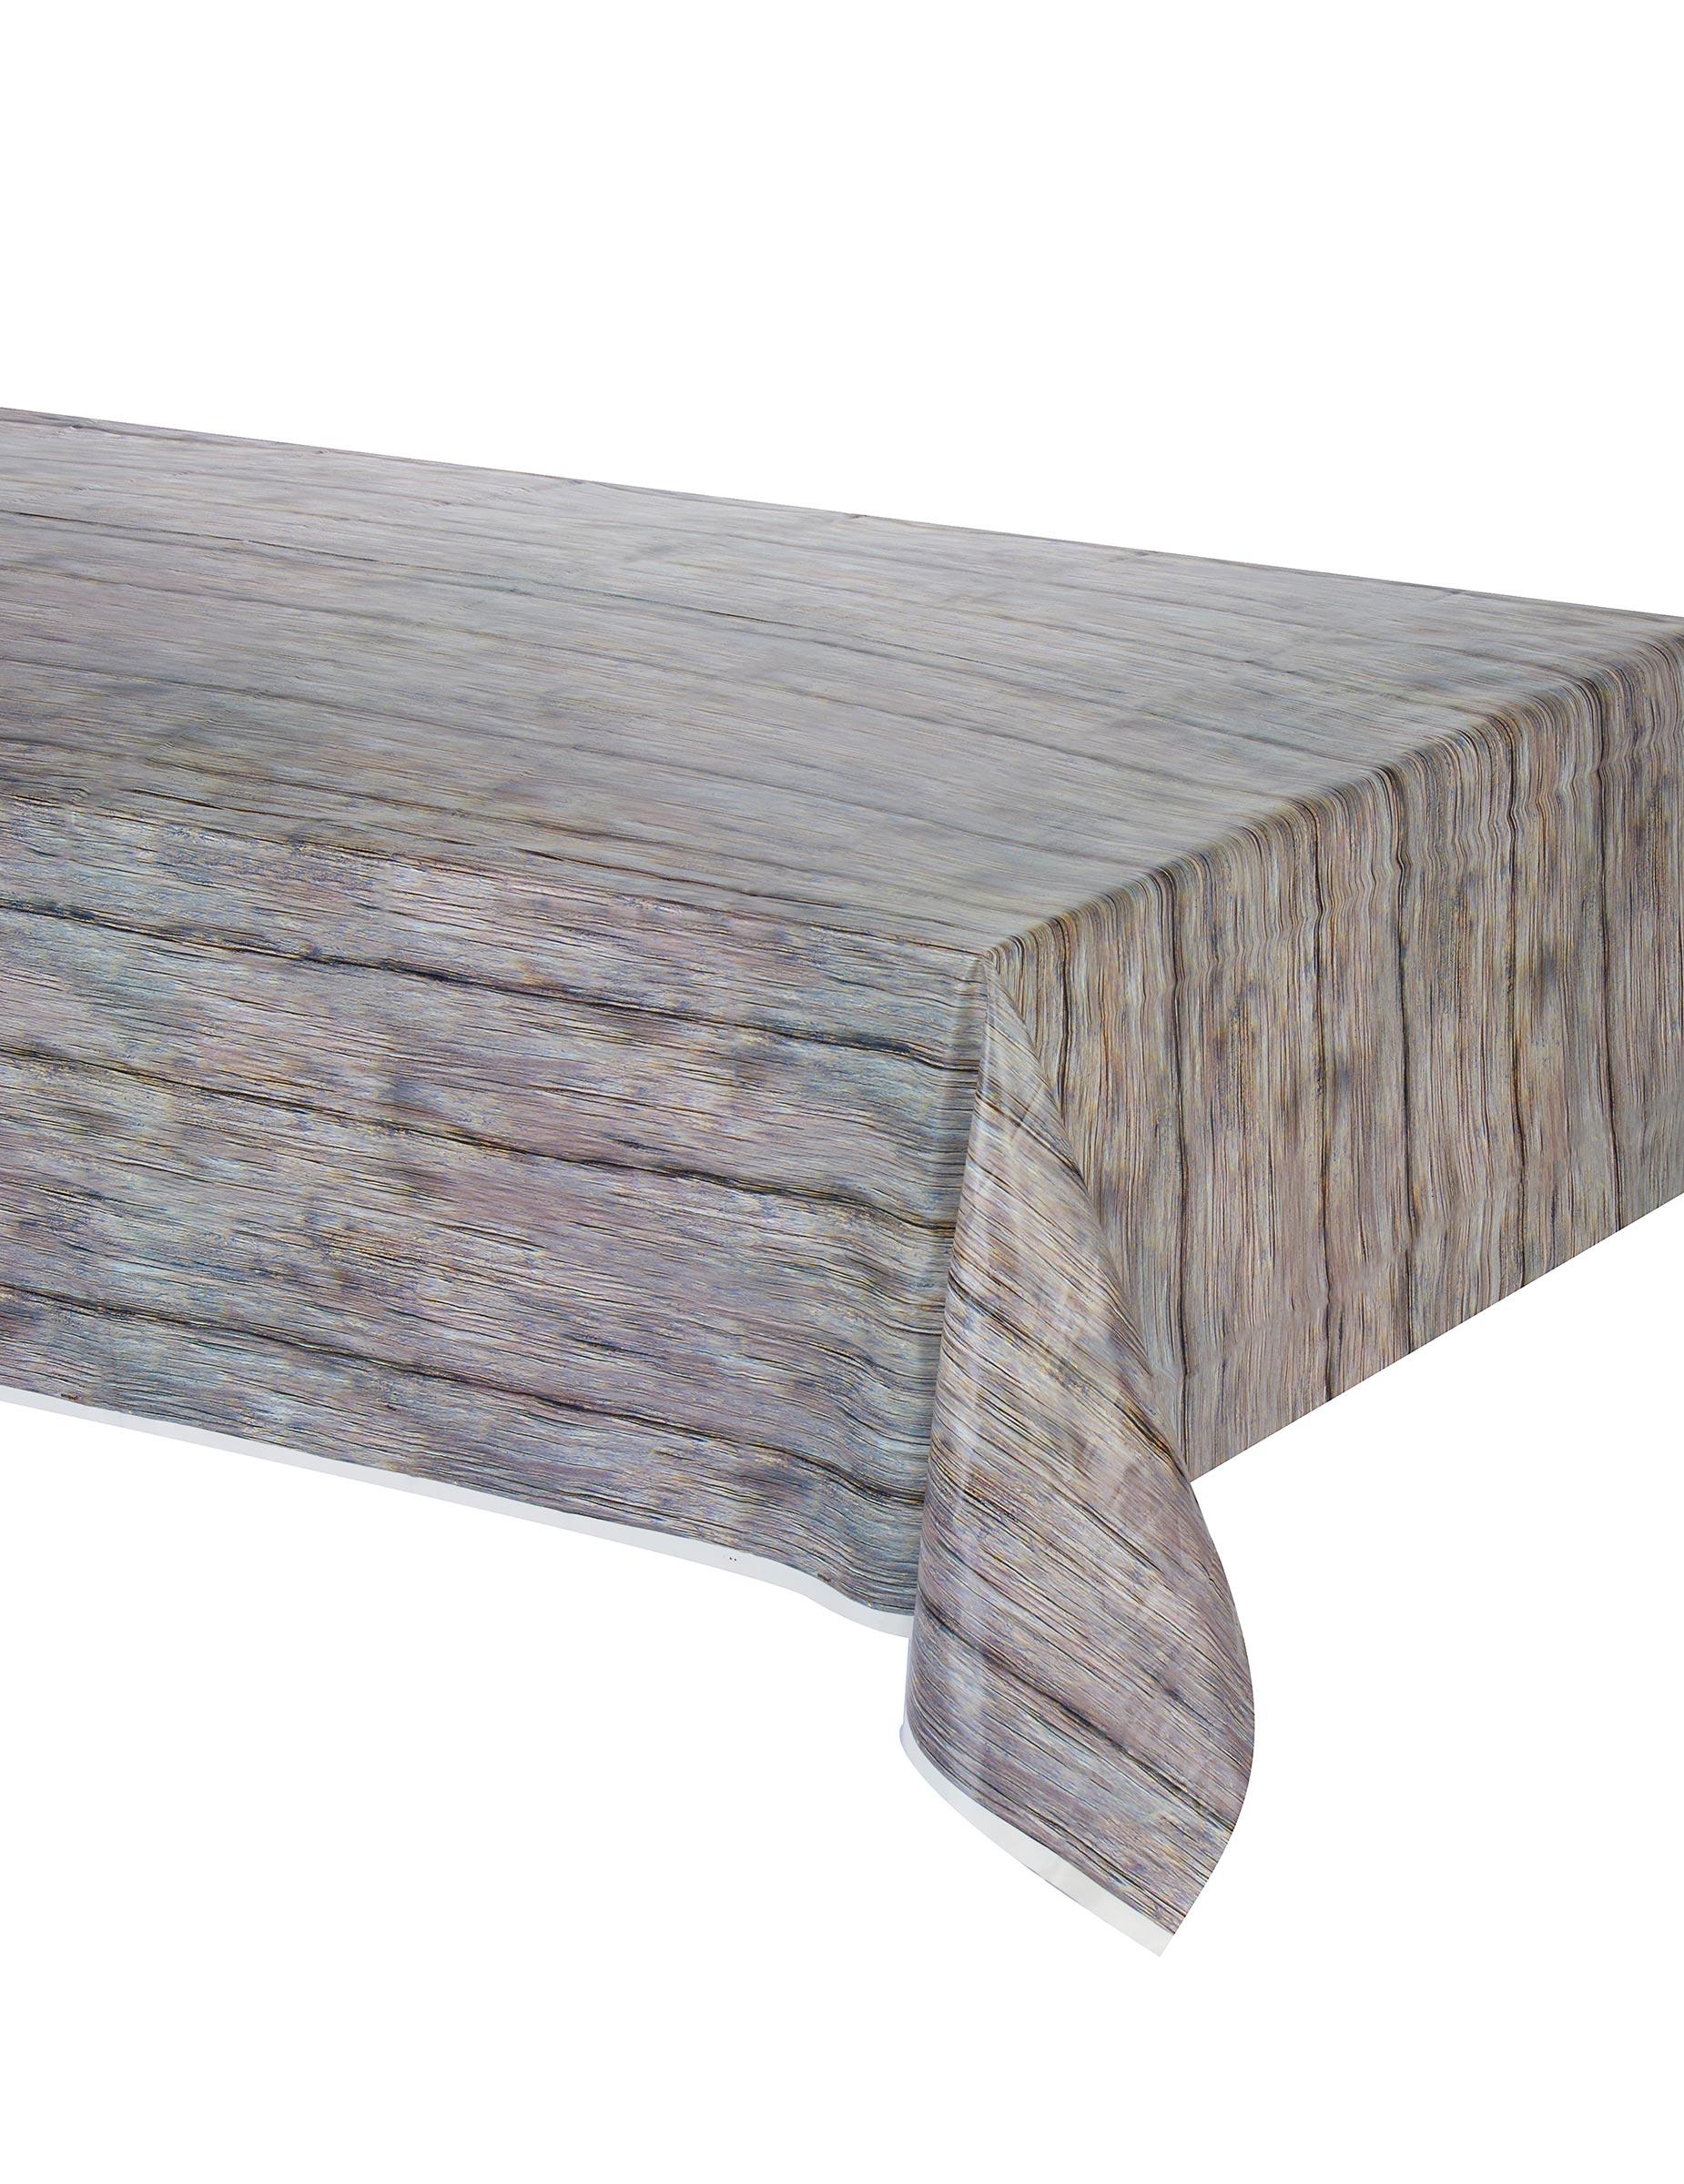 Nappe Effet Bois : Nappe effet bois rustique 137 x 274 cm : Deguise-toi, achat de